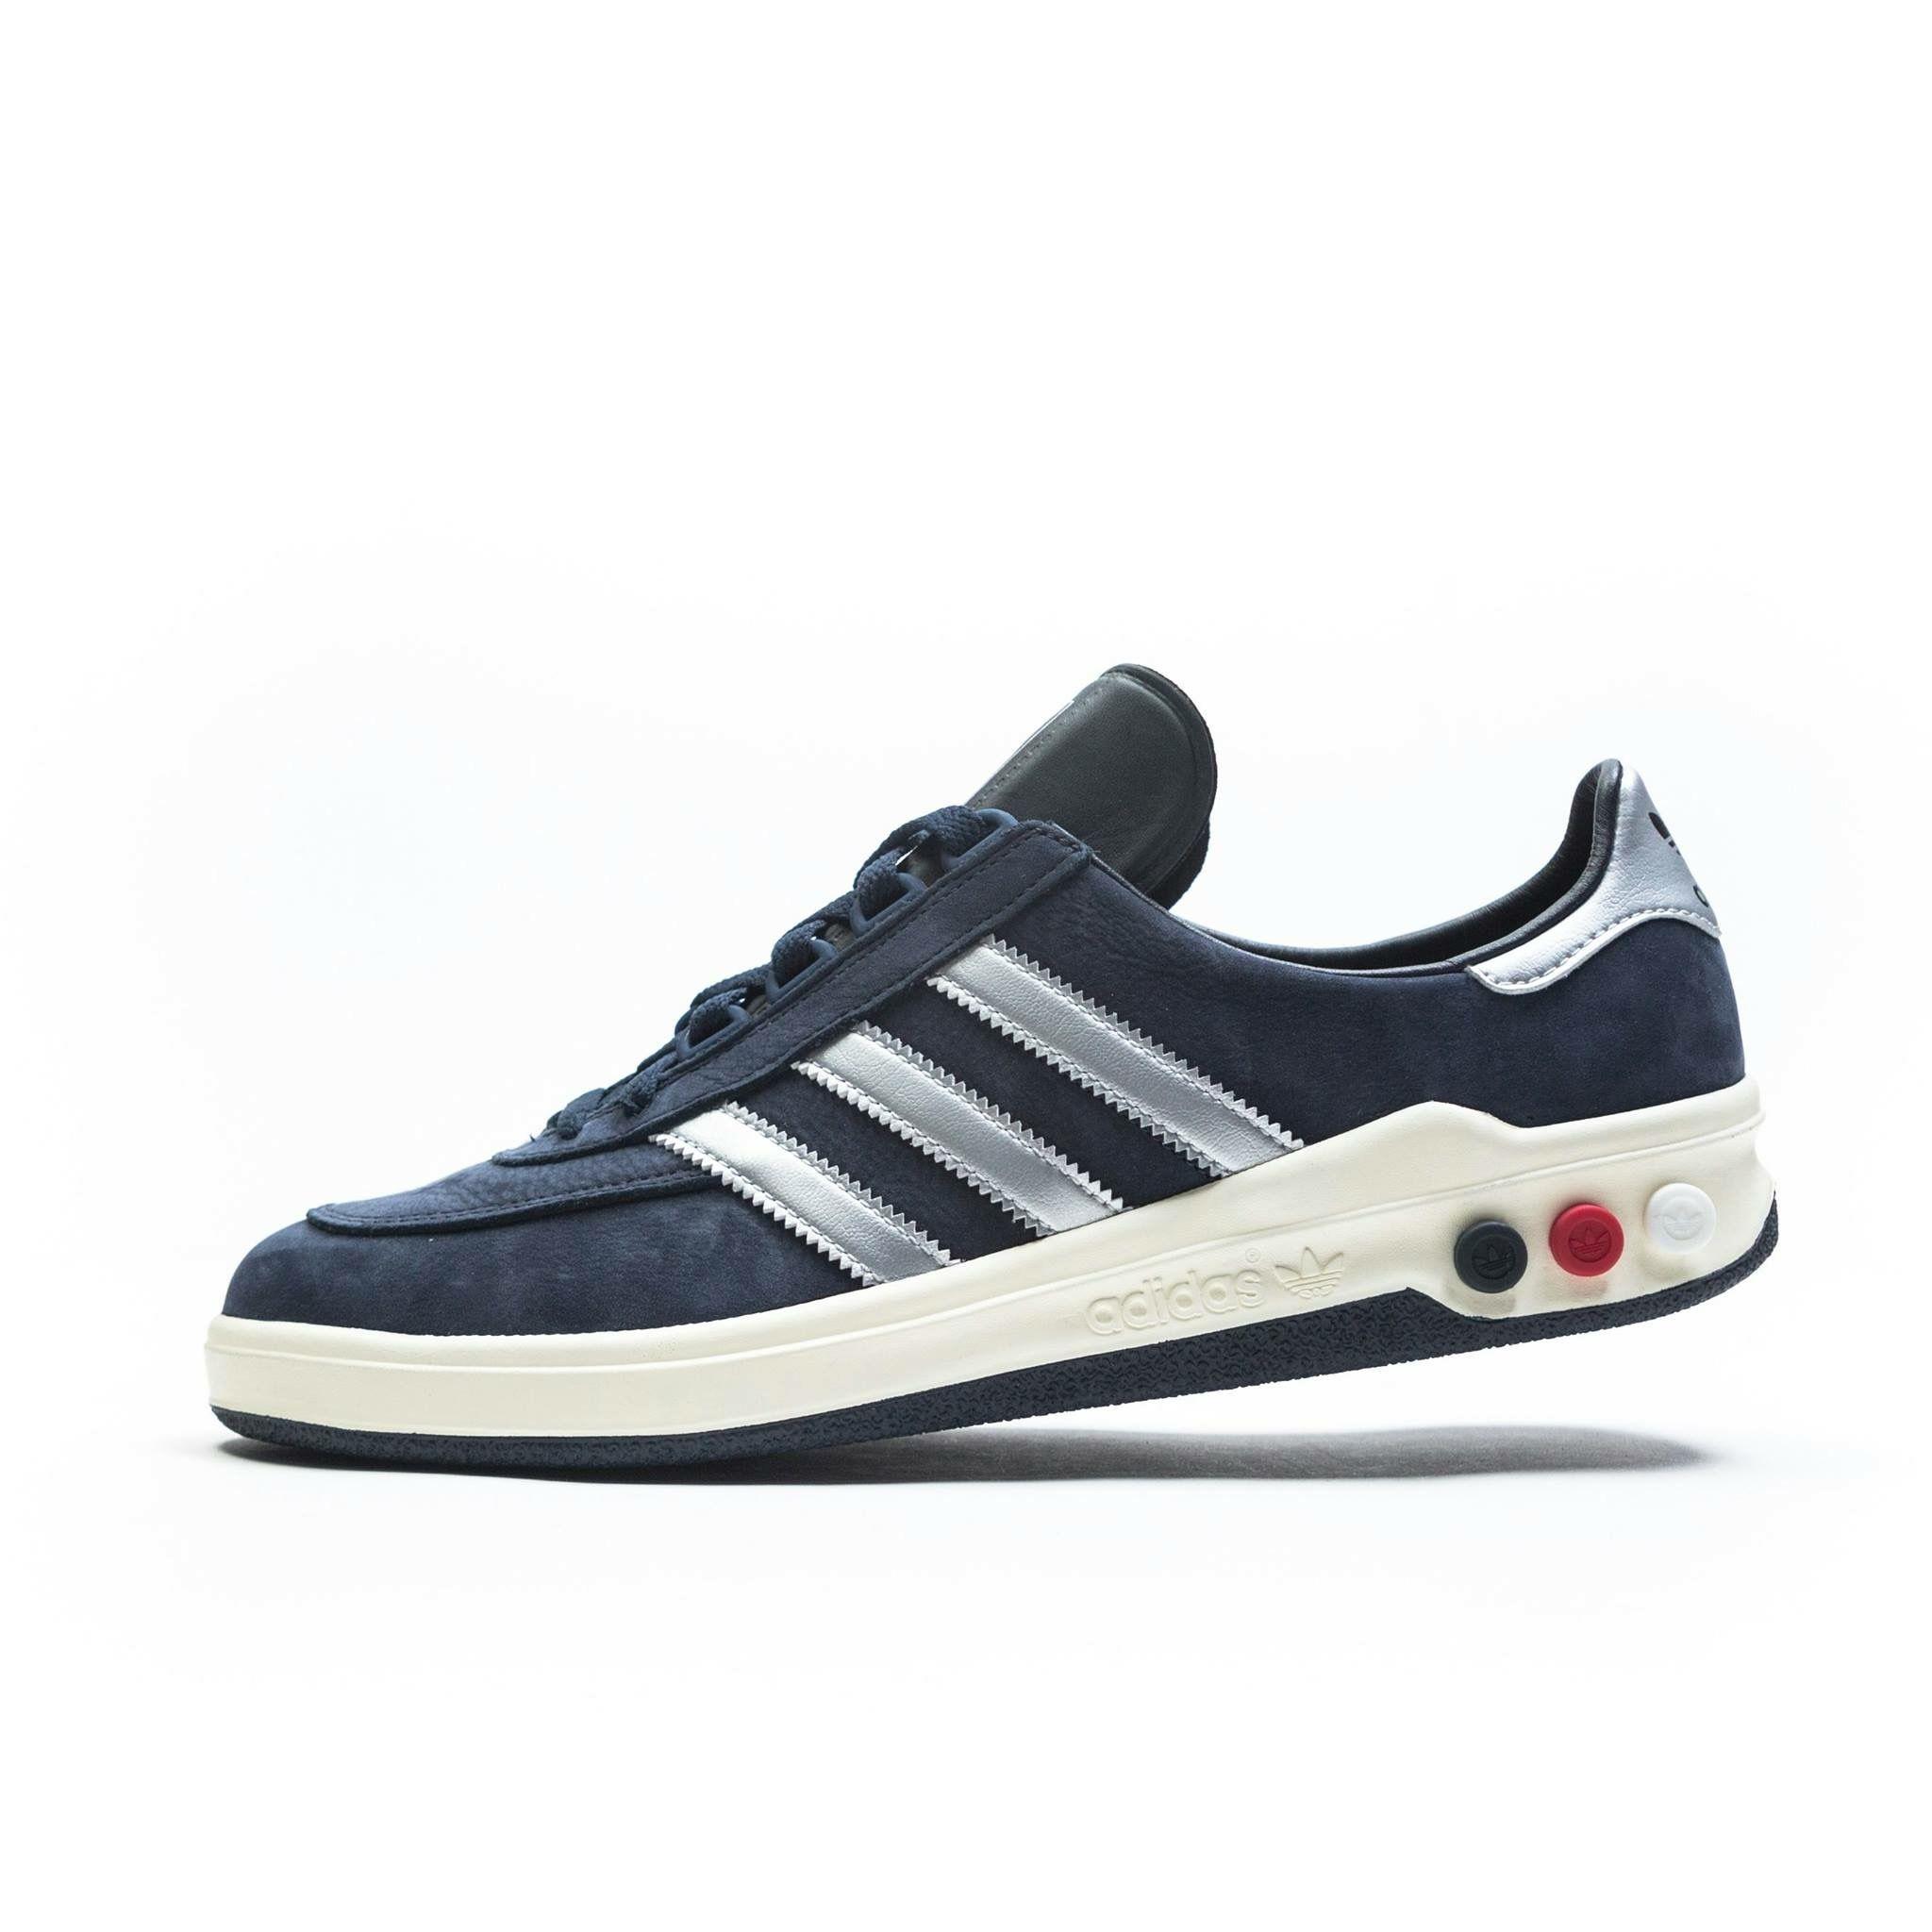 adidas Originals CLMBA SPZL sneakers UzJObqaZ